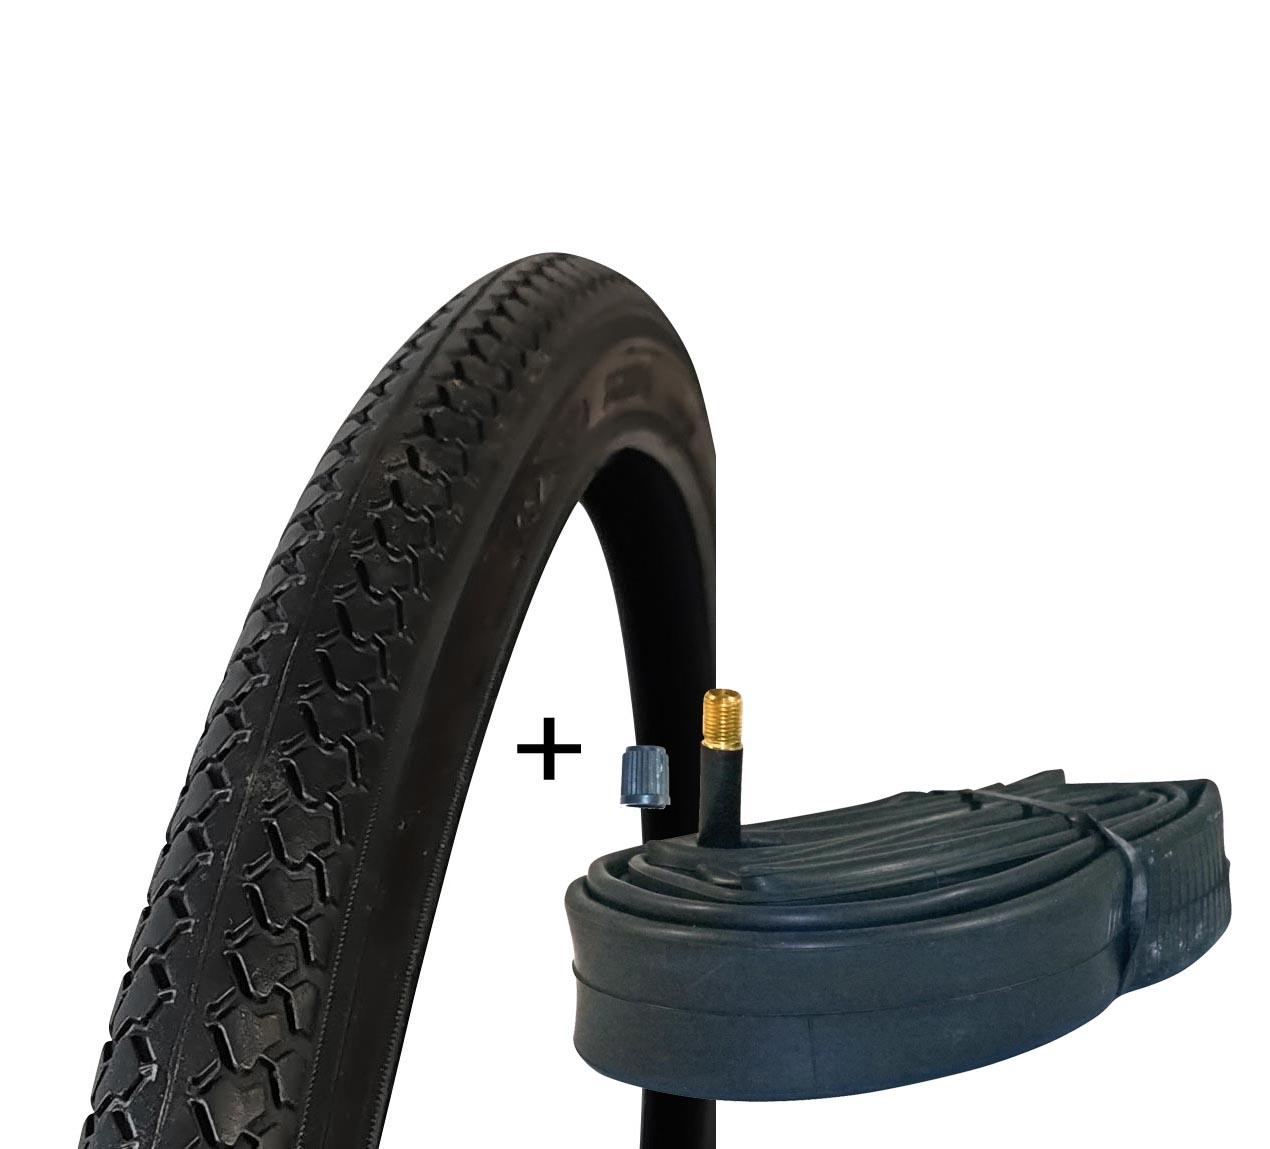 Drahtreifen Schlauch Fahrradreifen Kenda K184 Cosmos 26 Zoll 26x1 3//8 37-590